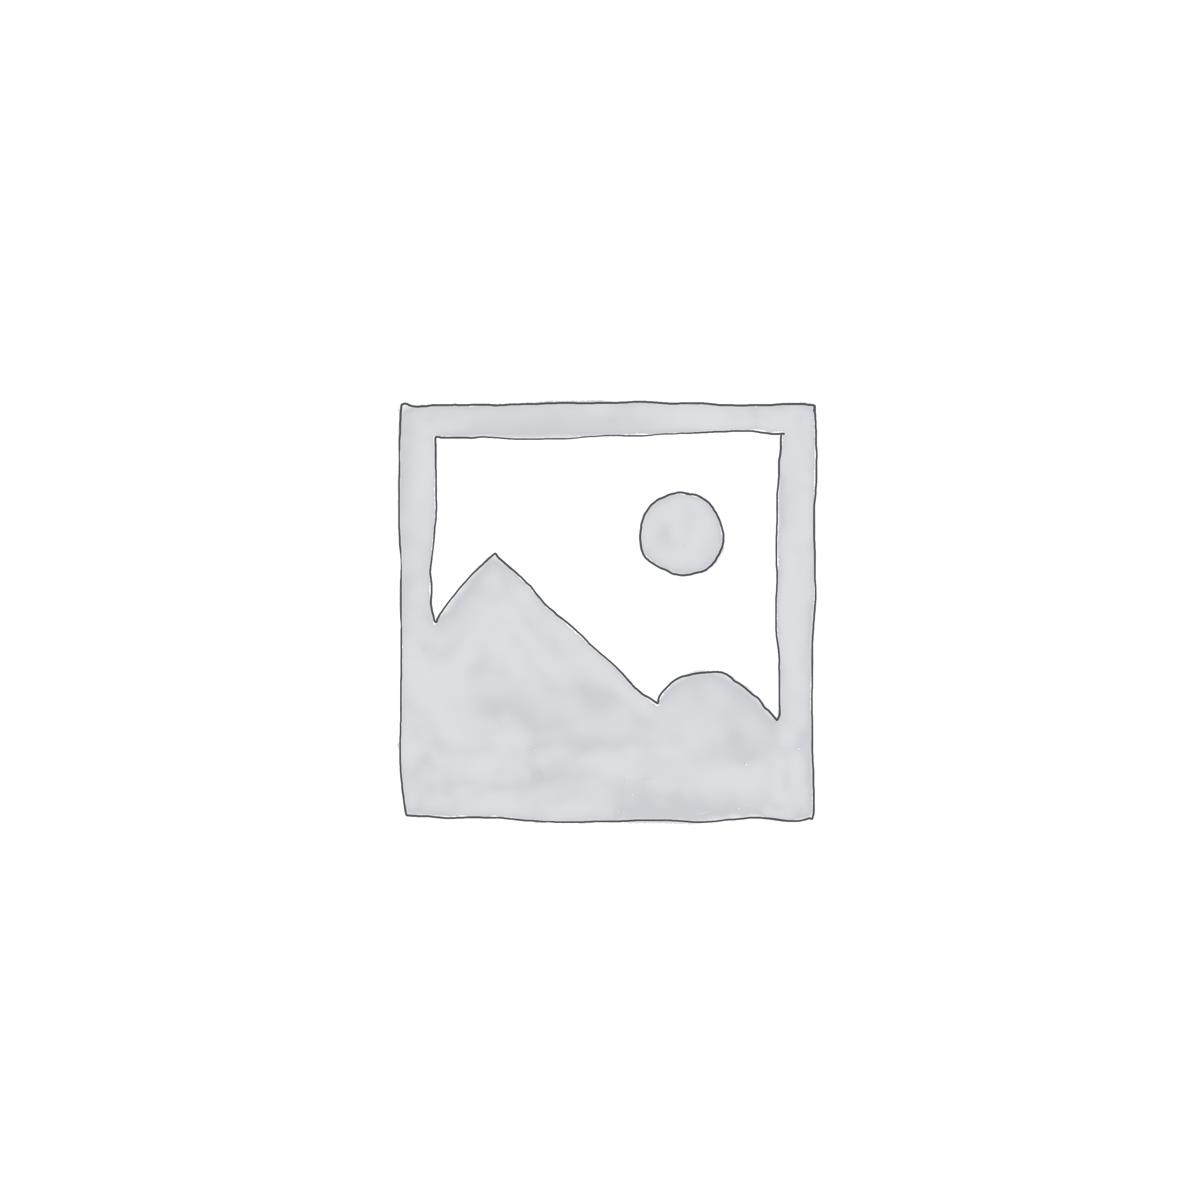 Велюр МРС, светло-серый, 25 дм2.-165000